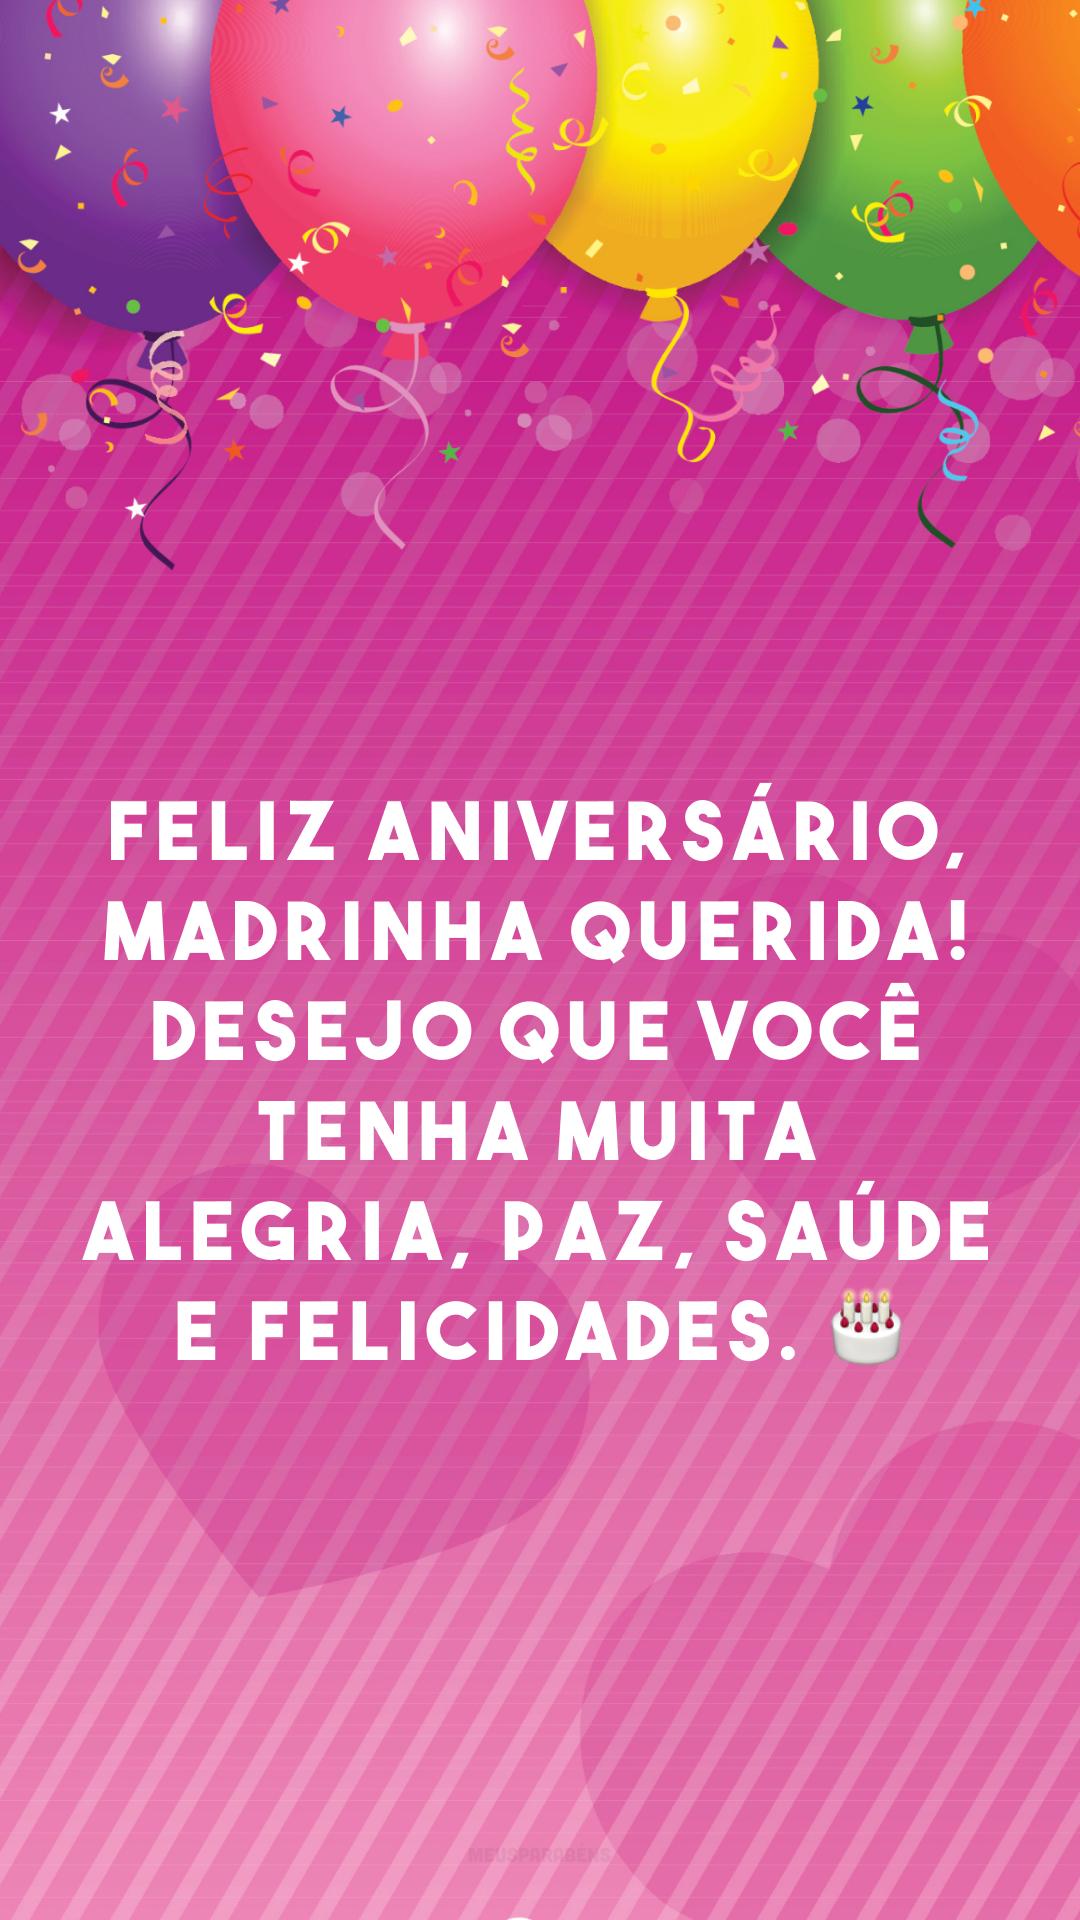 Feliz aniversário, madrinha querida! Desejo que você tenha muita alegria, paz, saúde e felicidades. 🎂